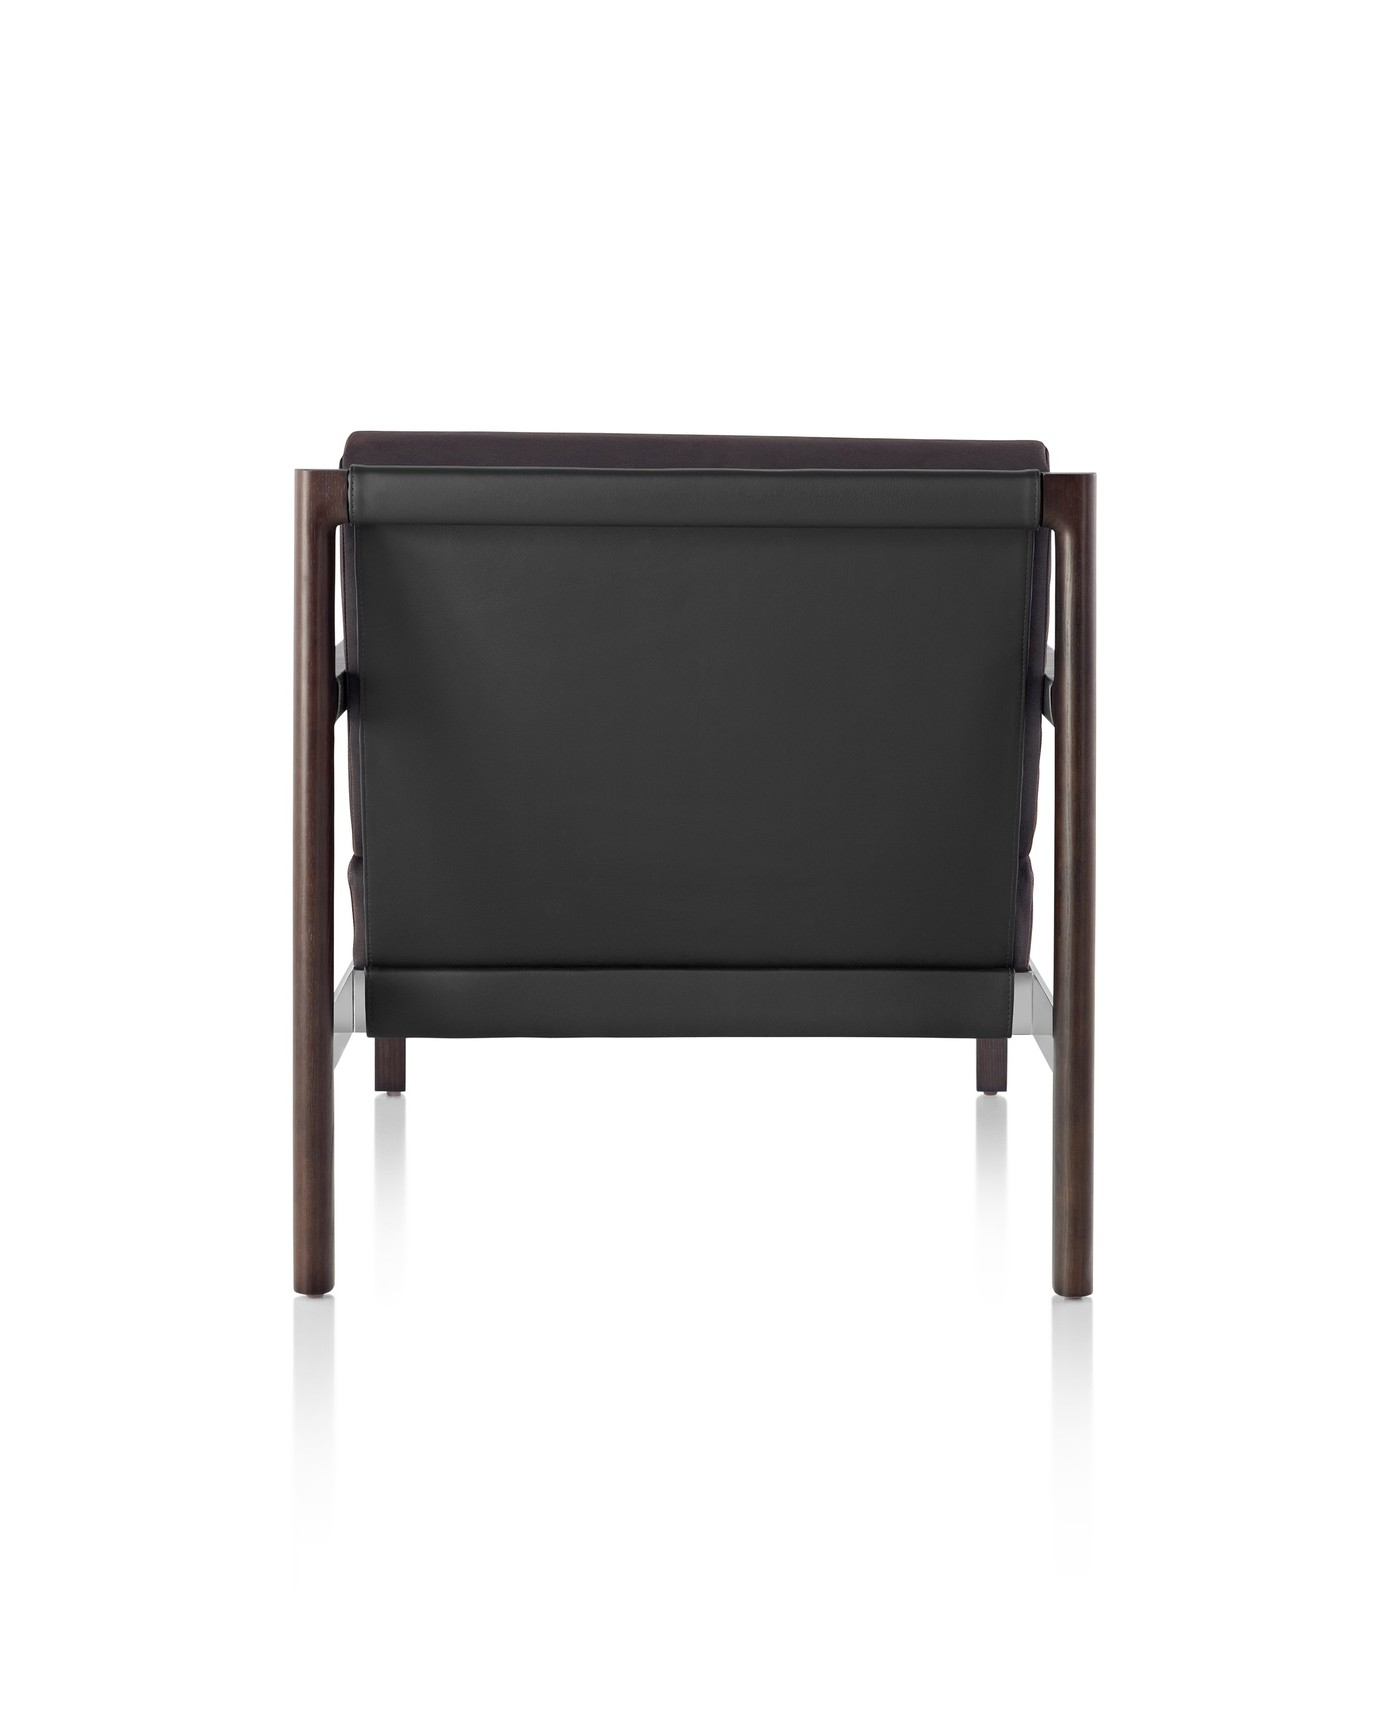 4-Silla-Lounge-Brabo-Trasera-1380